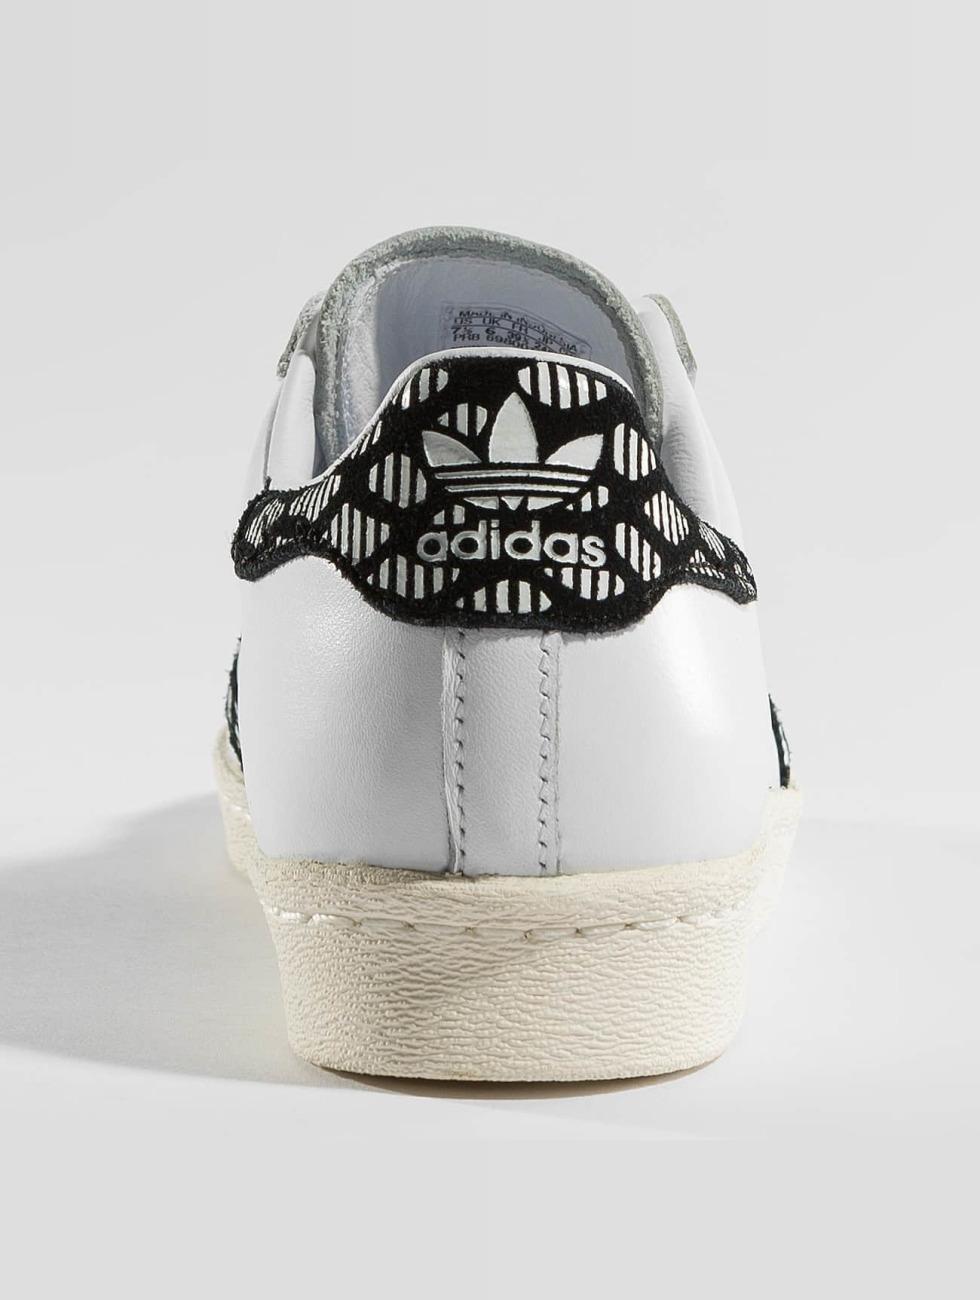 Adidas Originals Schoen / Sneaker Superstjerne På 80-tallet I Vidd 358443 Utløp Lav Kostnad Perfekt 44Wy3Hw